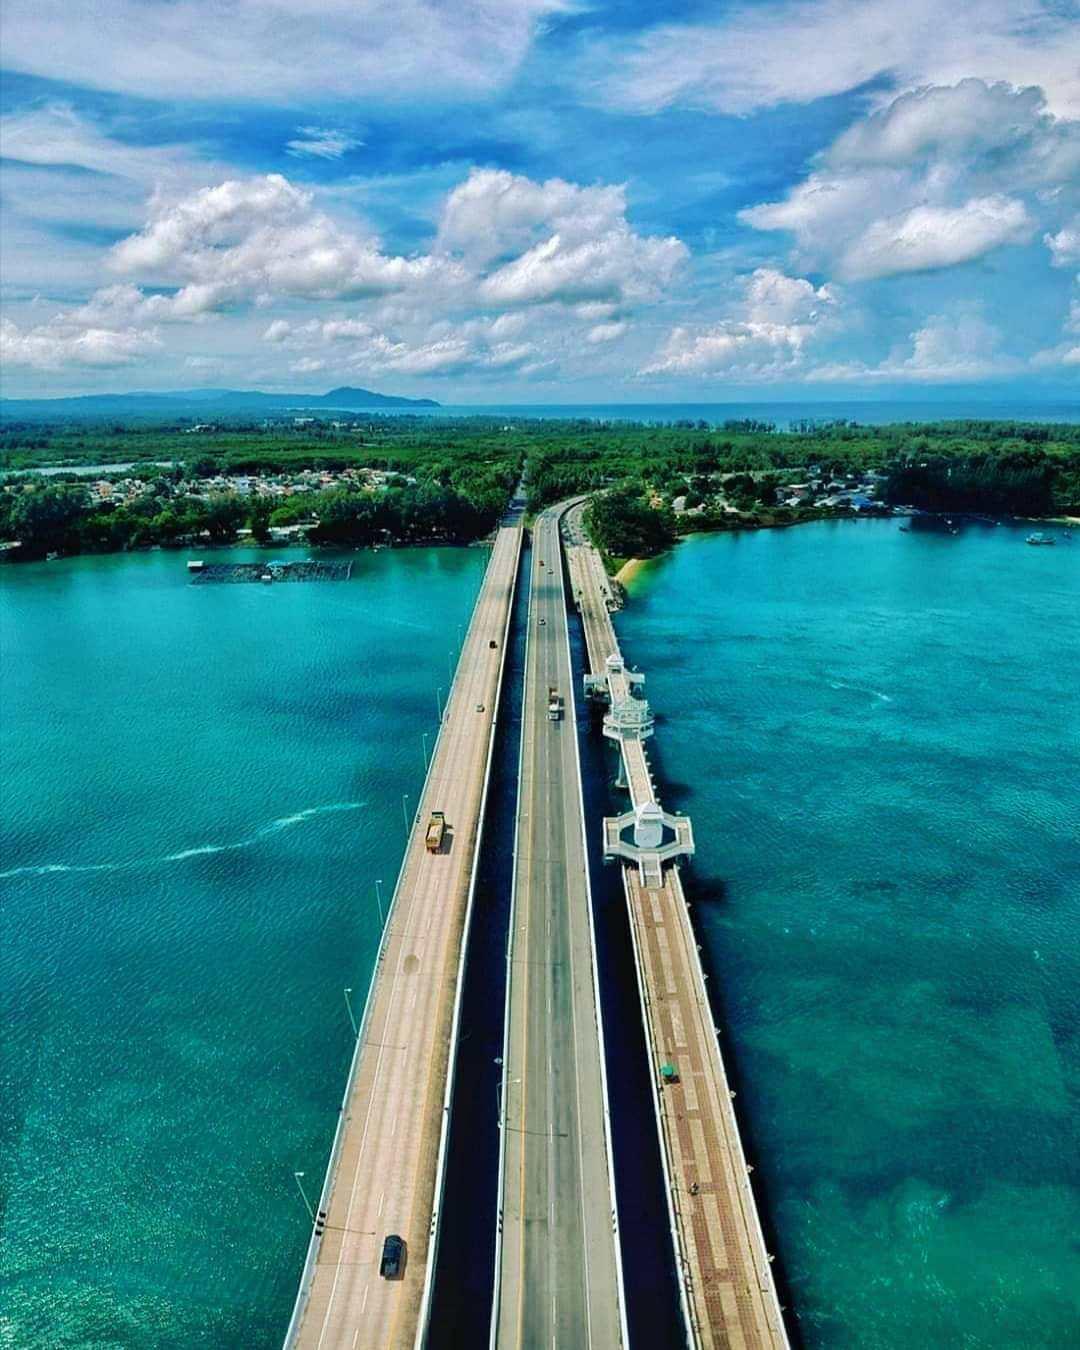 De Sarasin brug op Phuket gezien met een drone